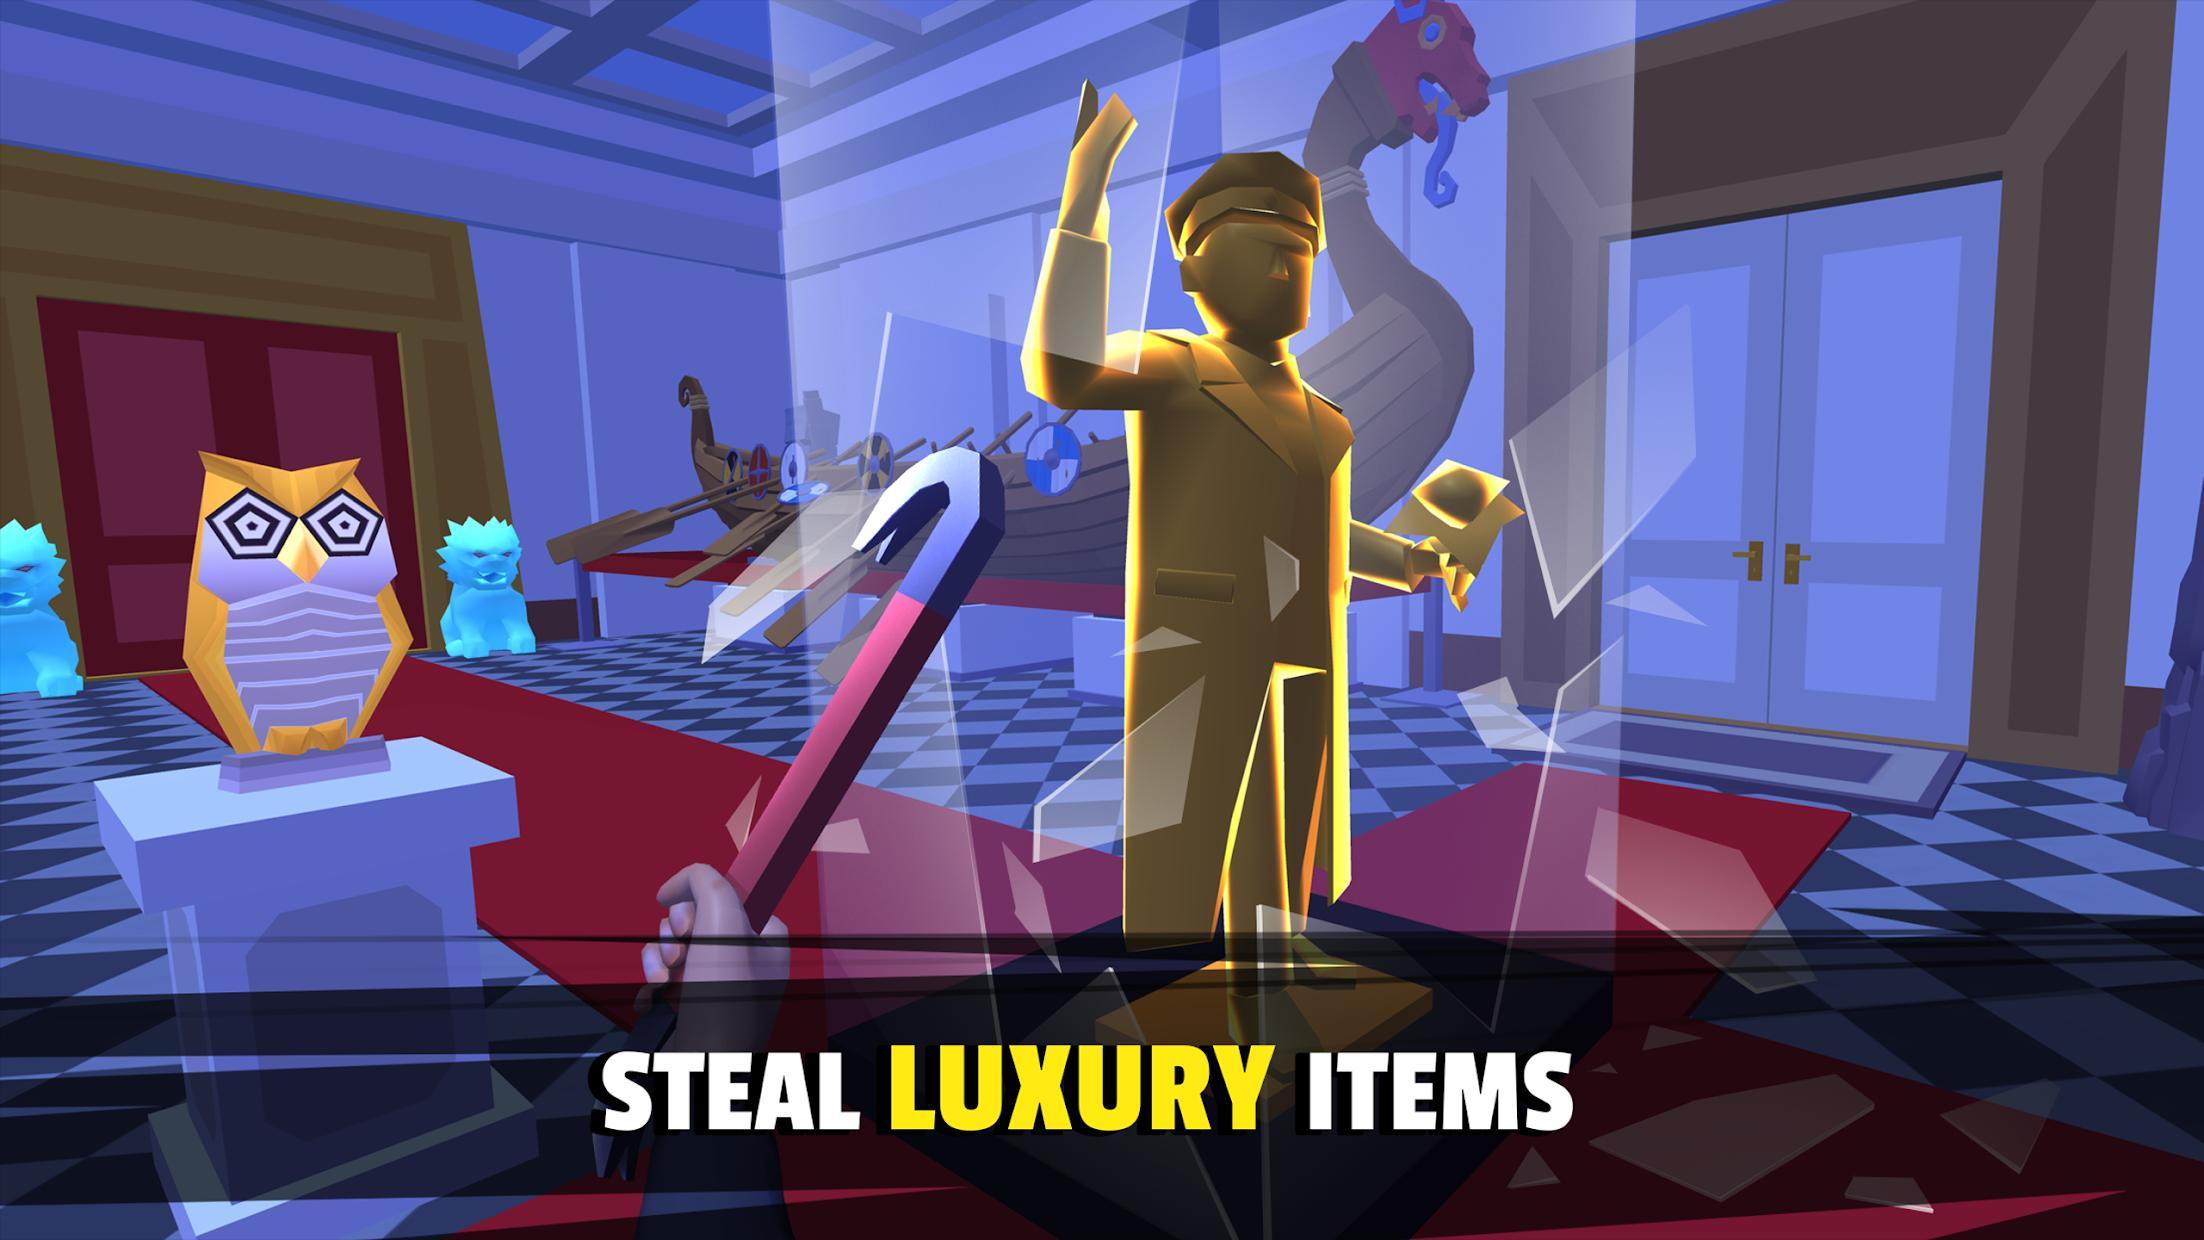 盗贼模拟器 游戏截图2